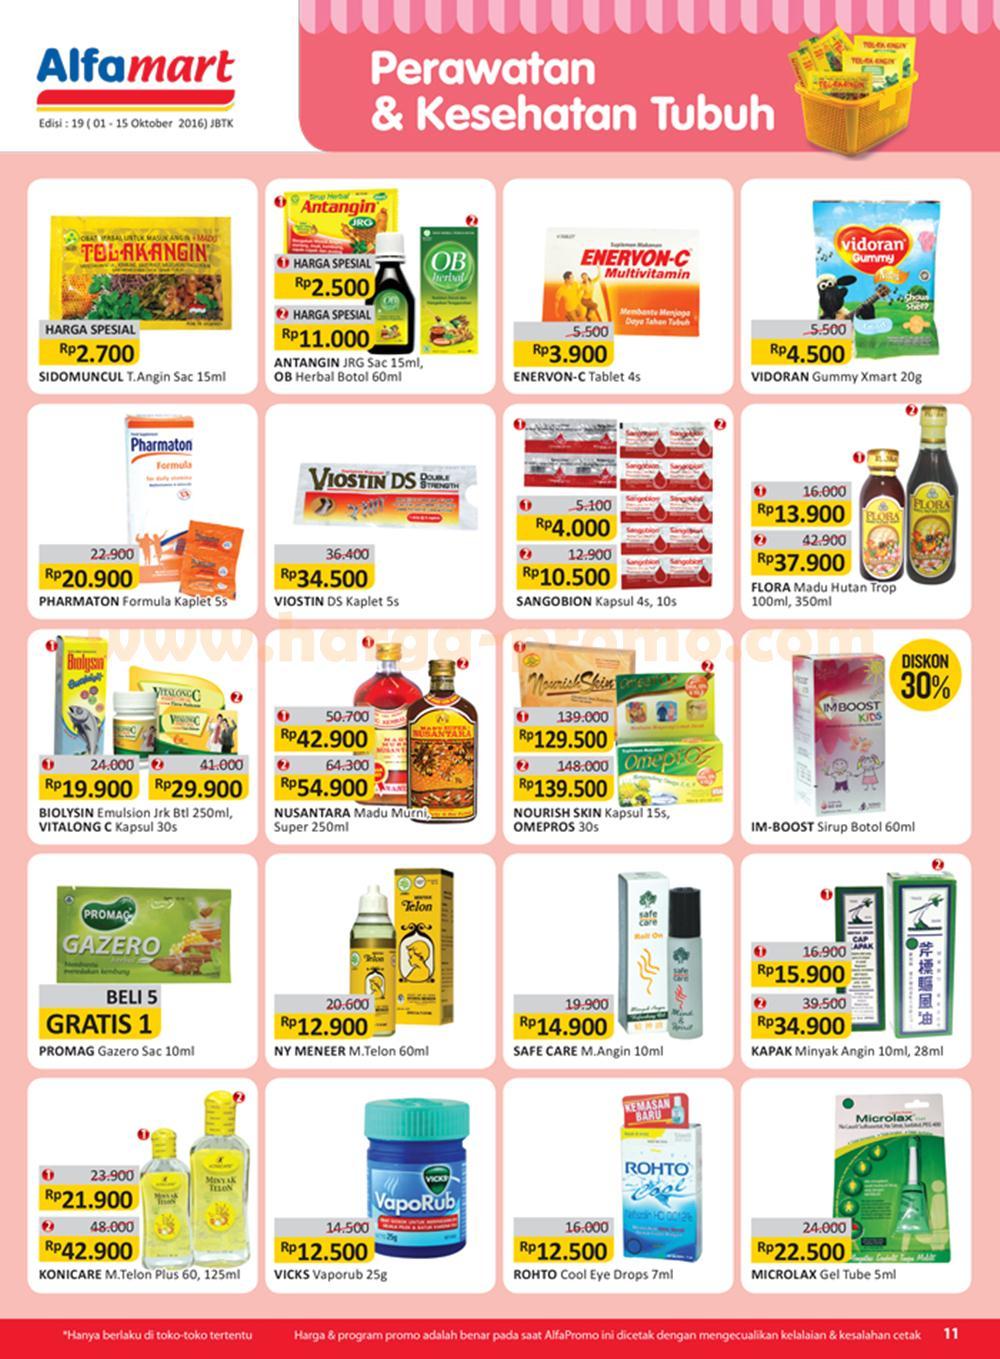 Nyonya Meneer Minyak Telon 100ml 3pcs4 Daftar Harga Terkini Paket Hemat 4 Pcs Source Promo Alfamart